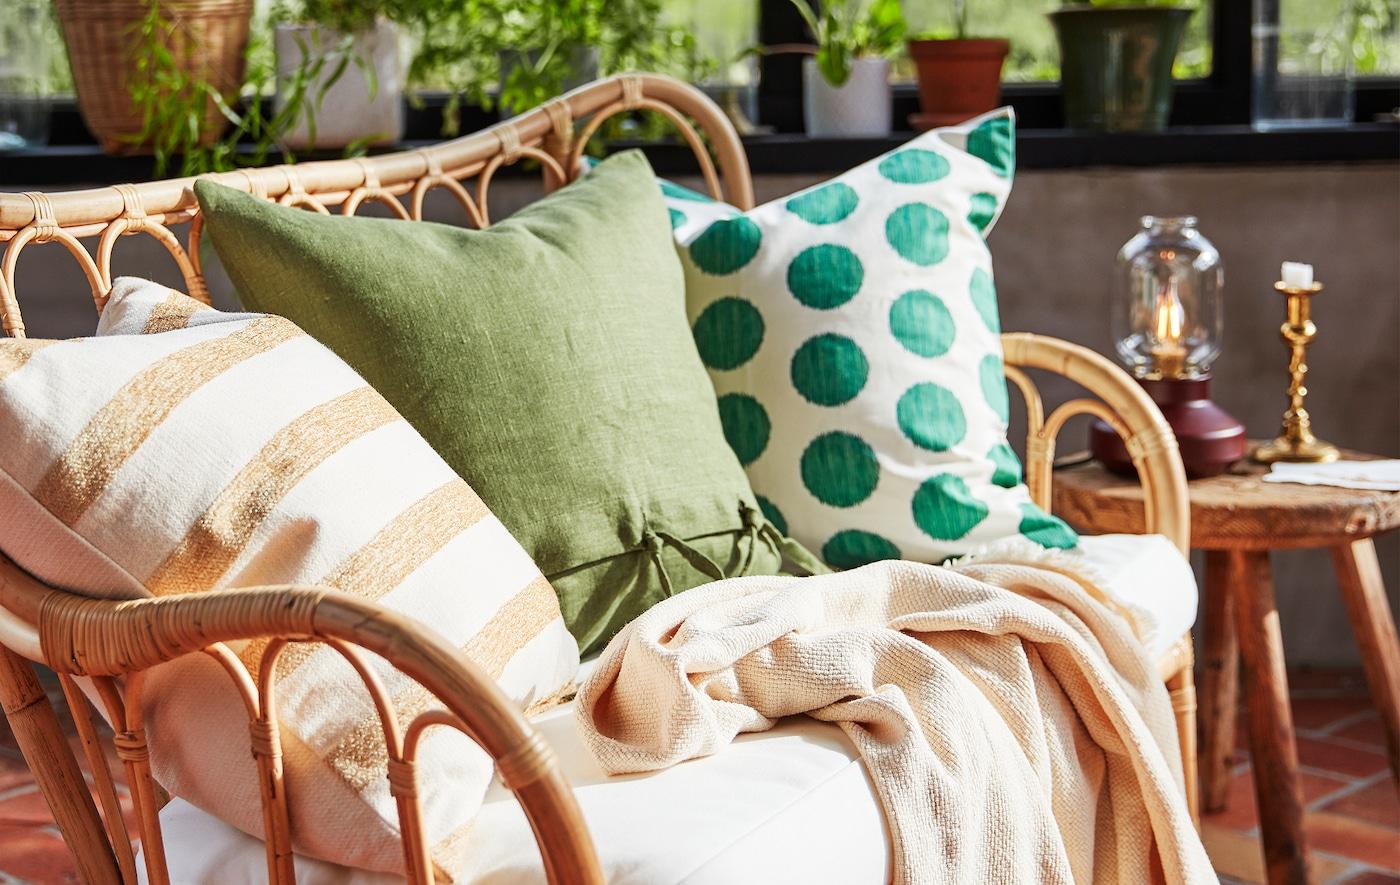 Trei perne cu modele diferite și culori discrete, pe o canapea din ratan natural, într-o cameră de zi.